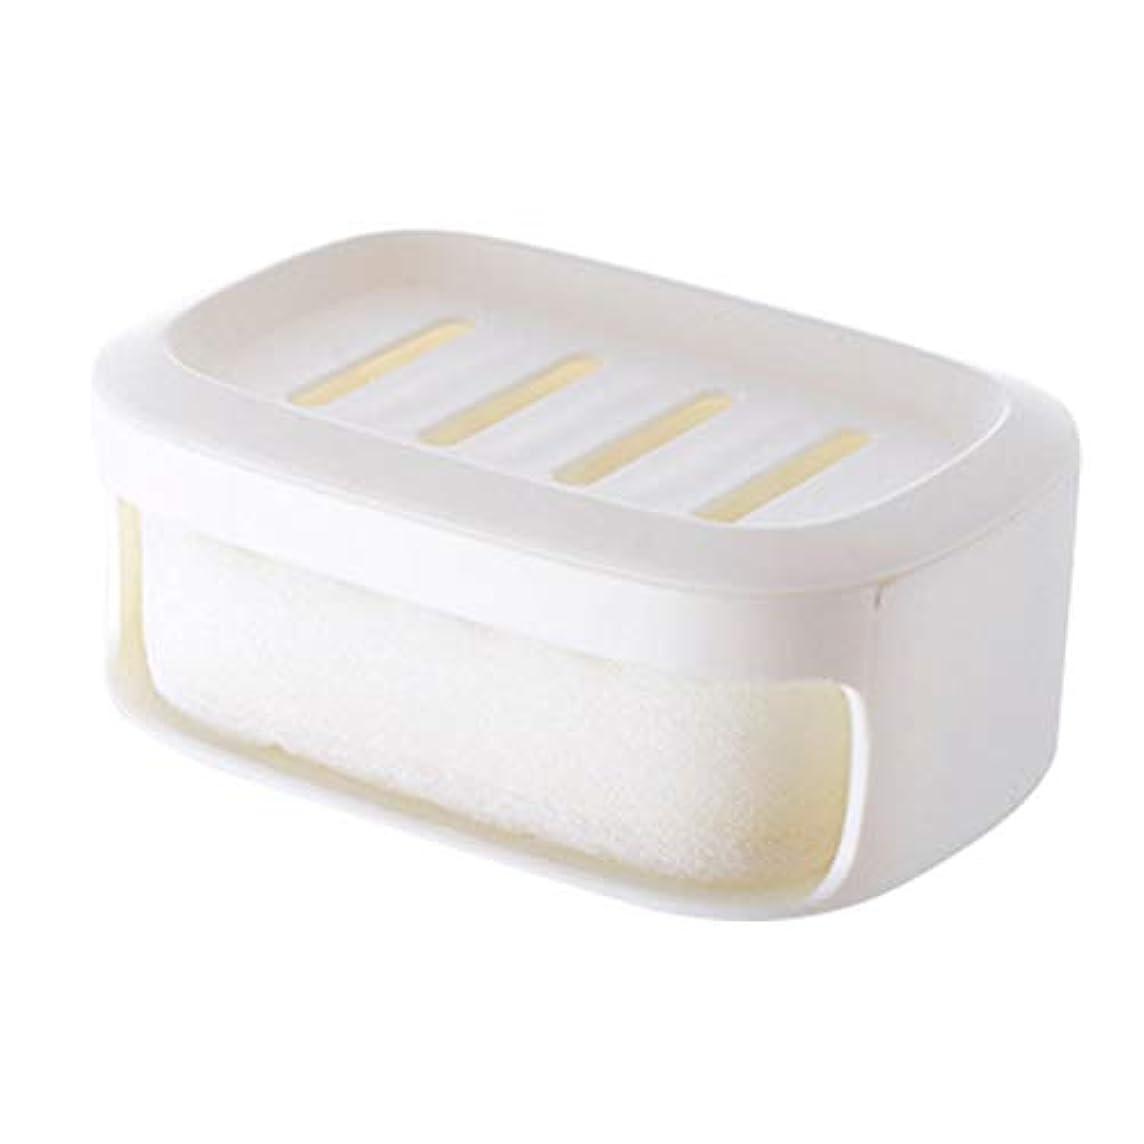 王子インタビューバックHealifty ソープボックス二重層防水シールソープコンテナバスルームソープ収納ケース(ホワイト)